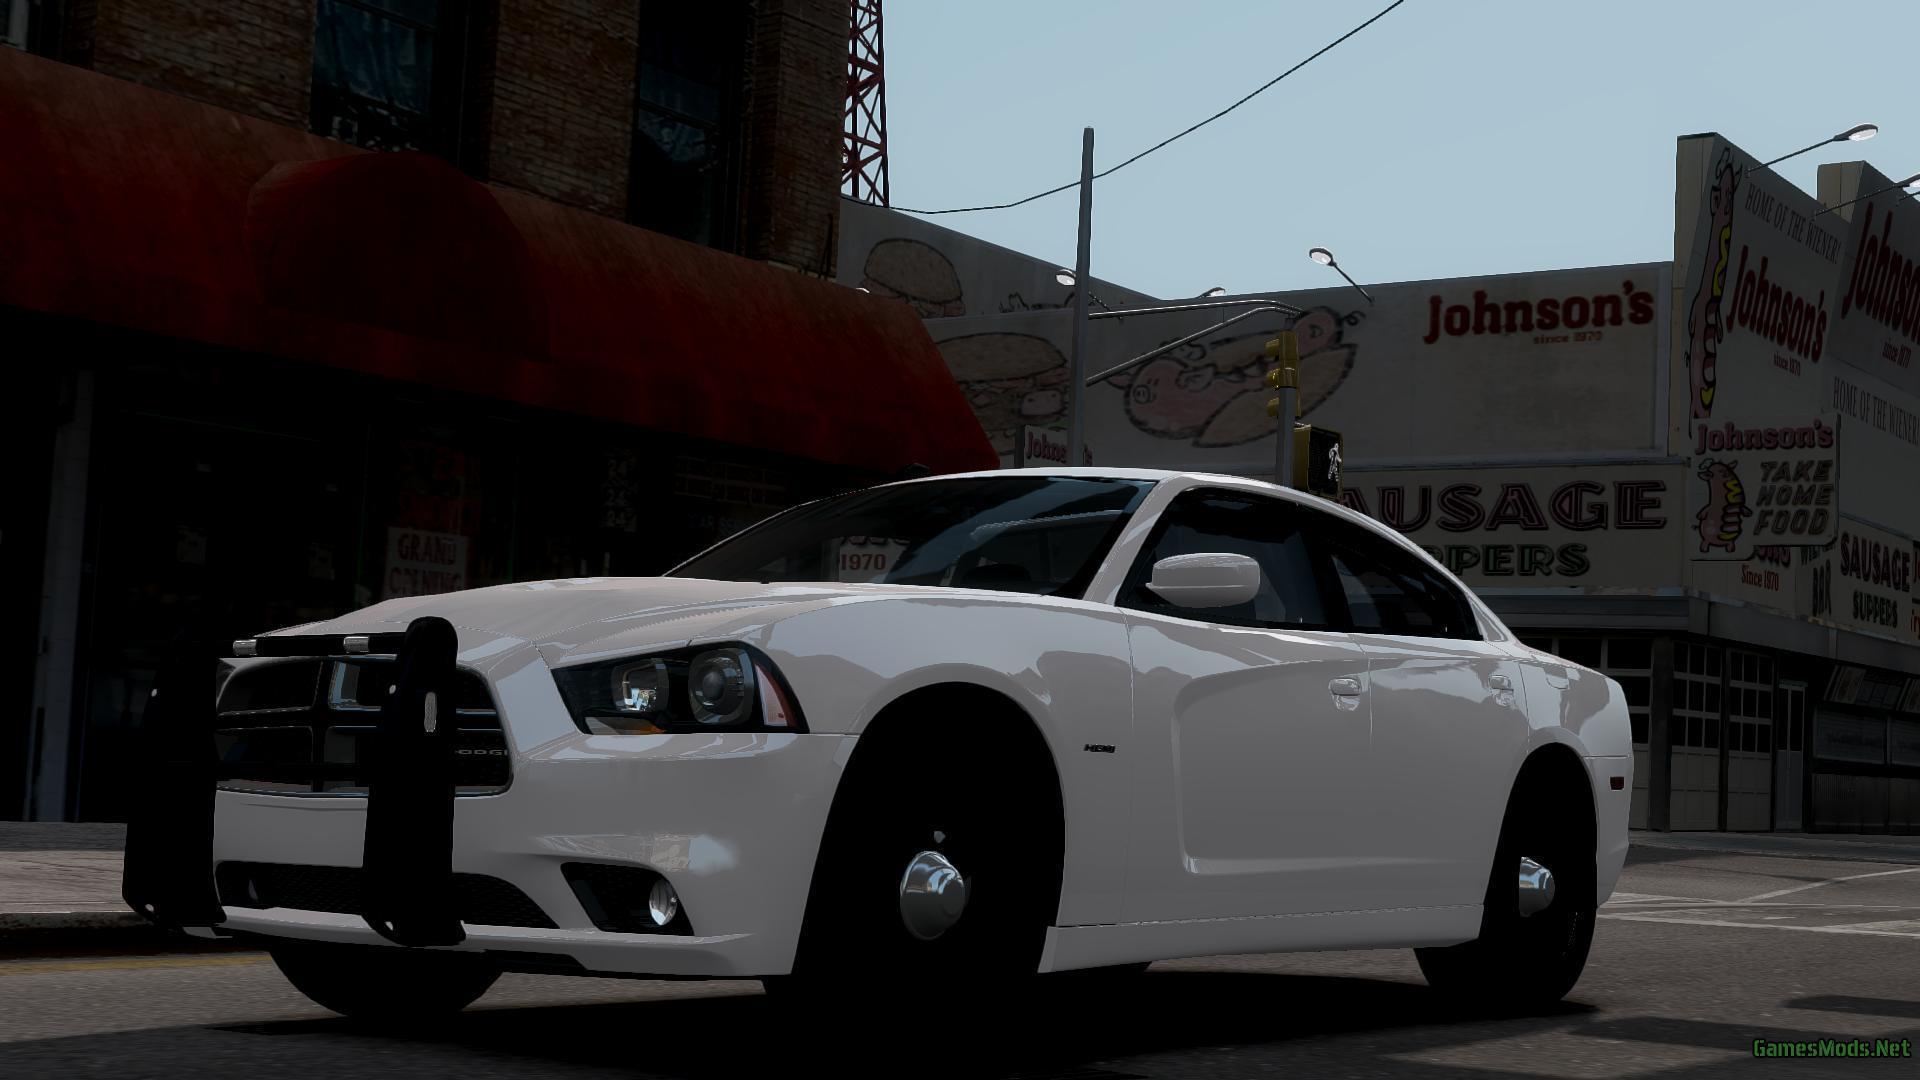 2011 Dodge Charger RT Max FBI ELS